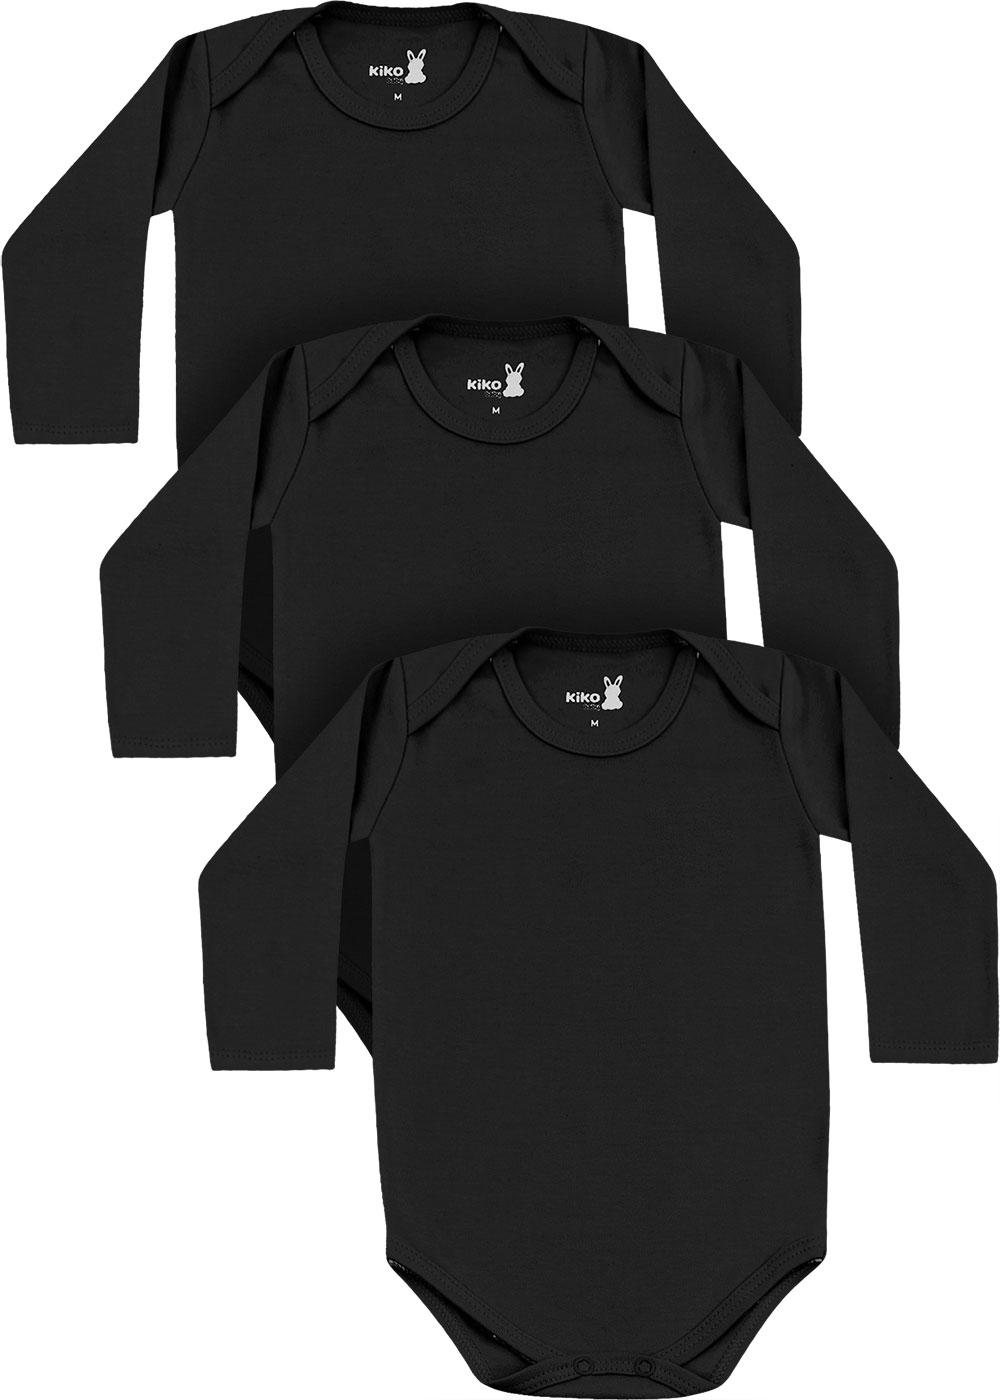 Body Bebê Unissex Inverno Kit 3 Preto Lisos - Kiko e Kika